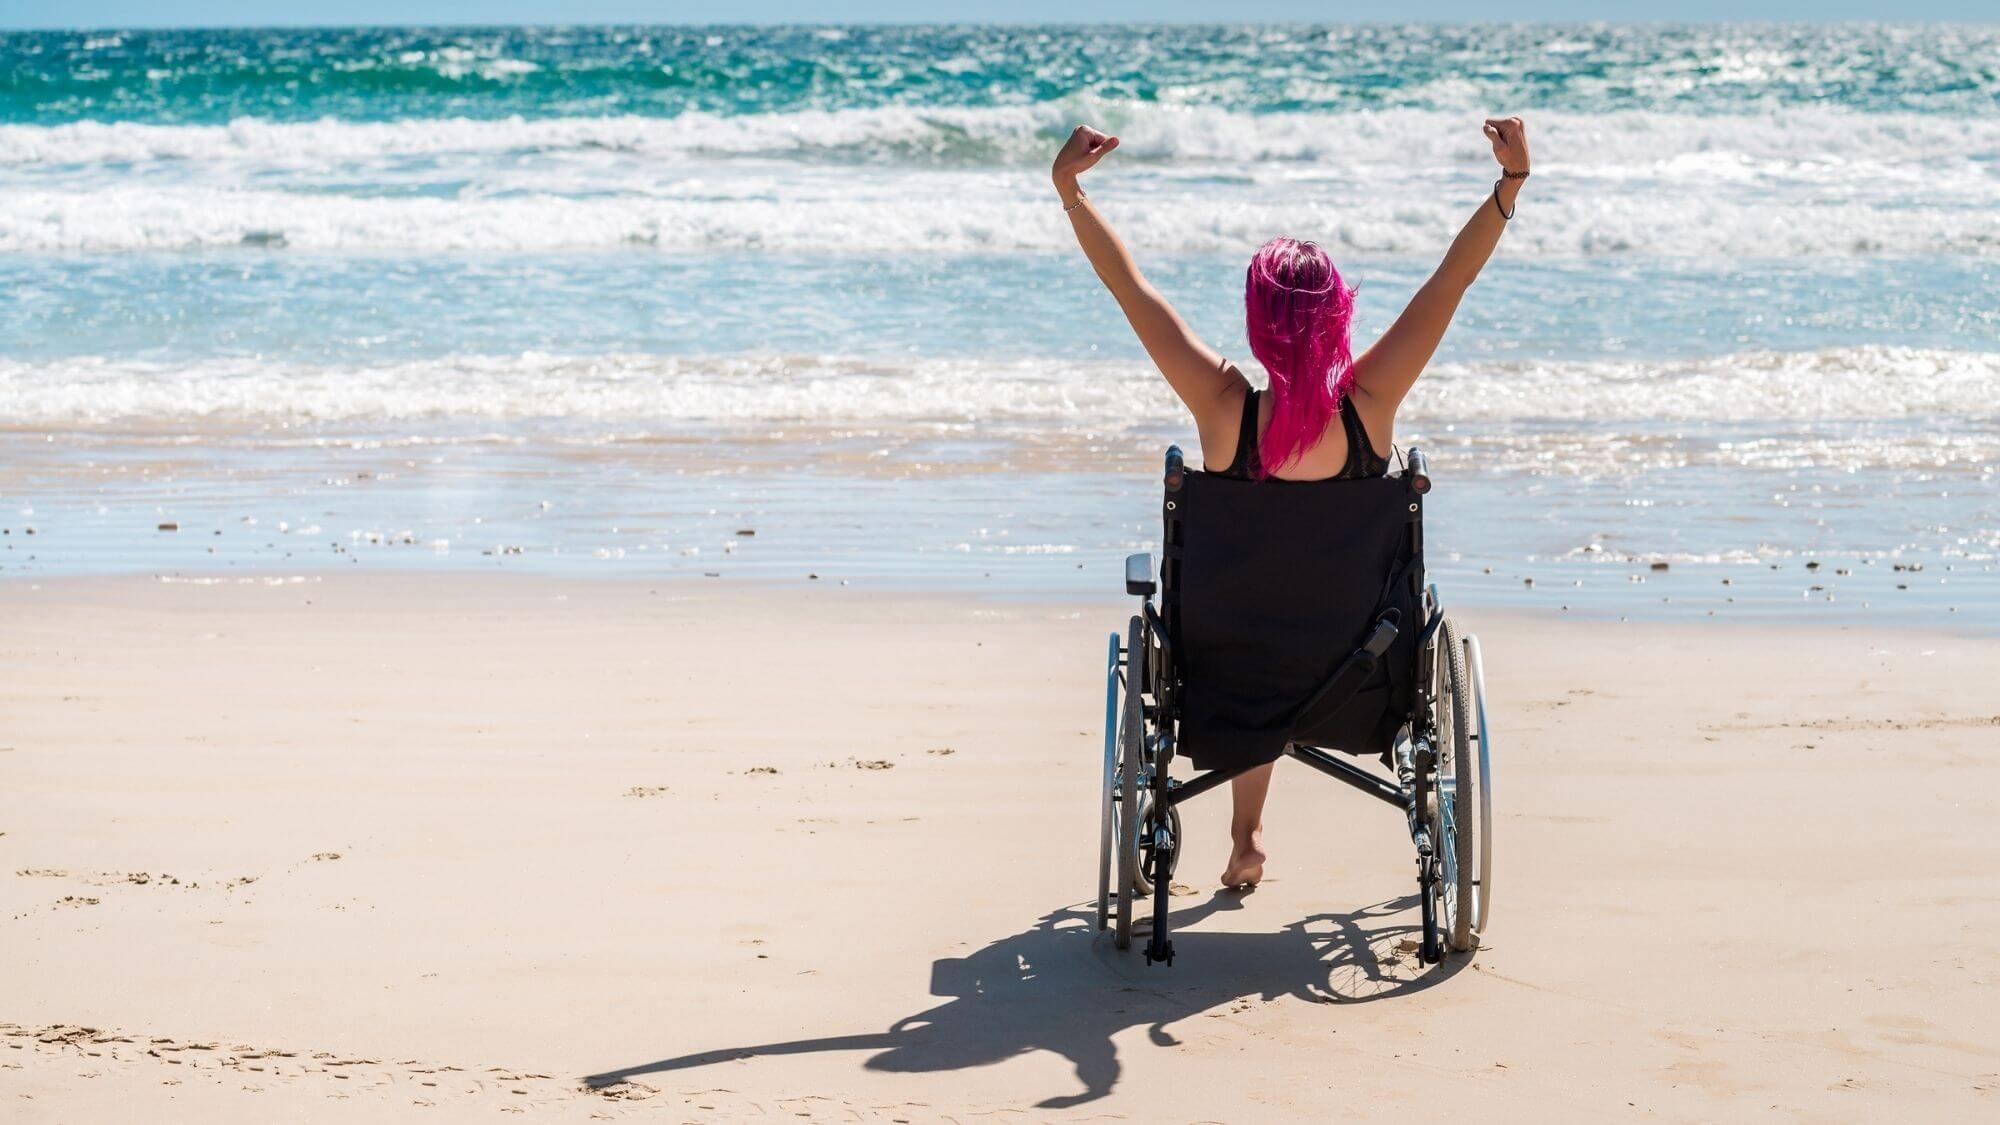 אשה בכסא גלגלים על החוף - ביטוח אובדן כושר עבודה